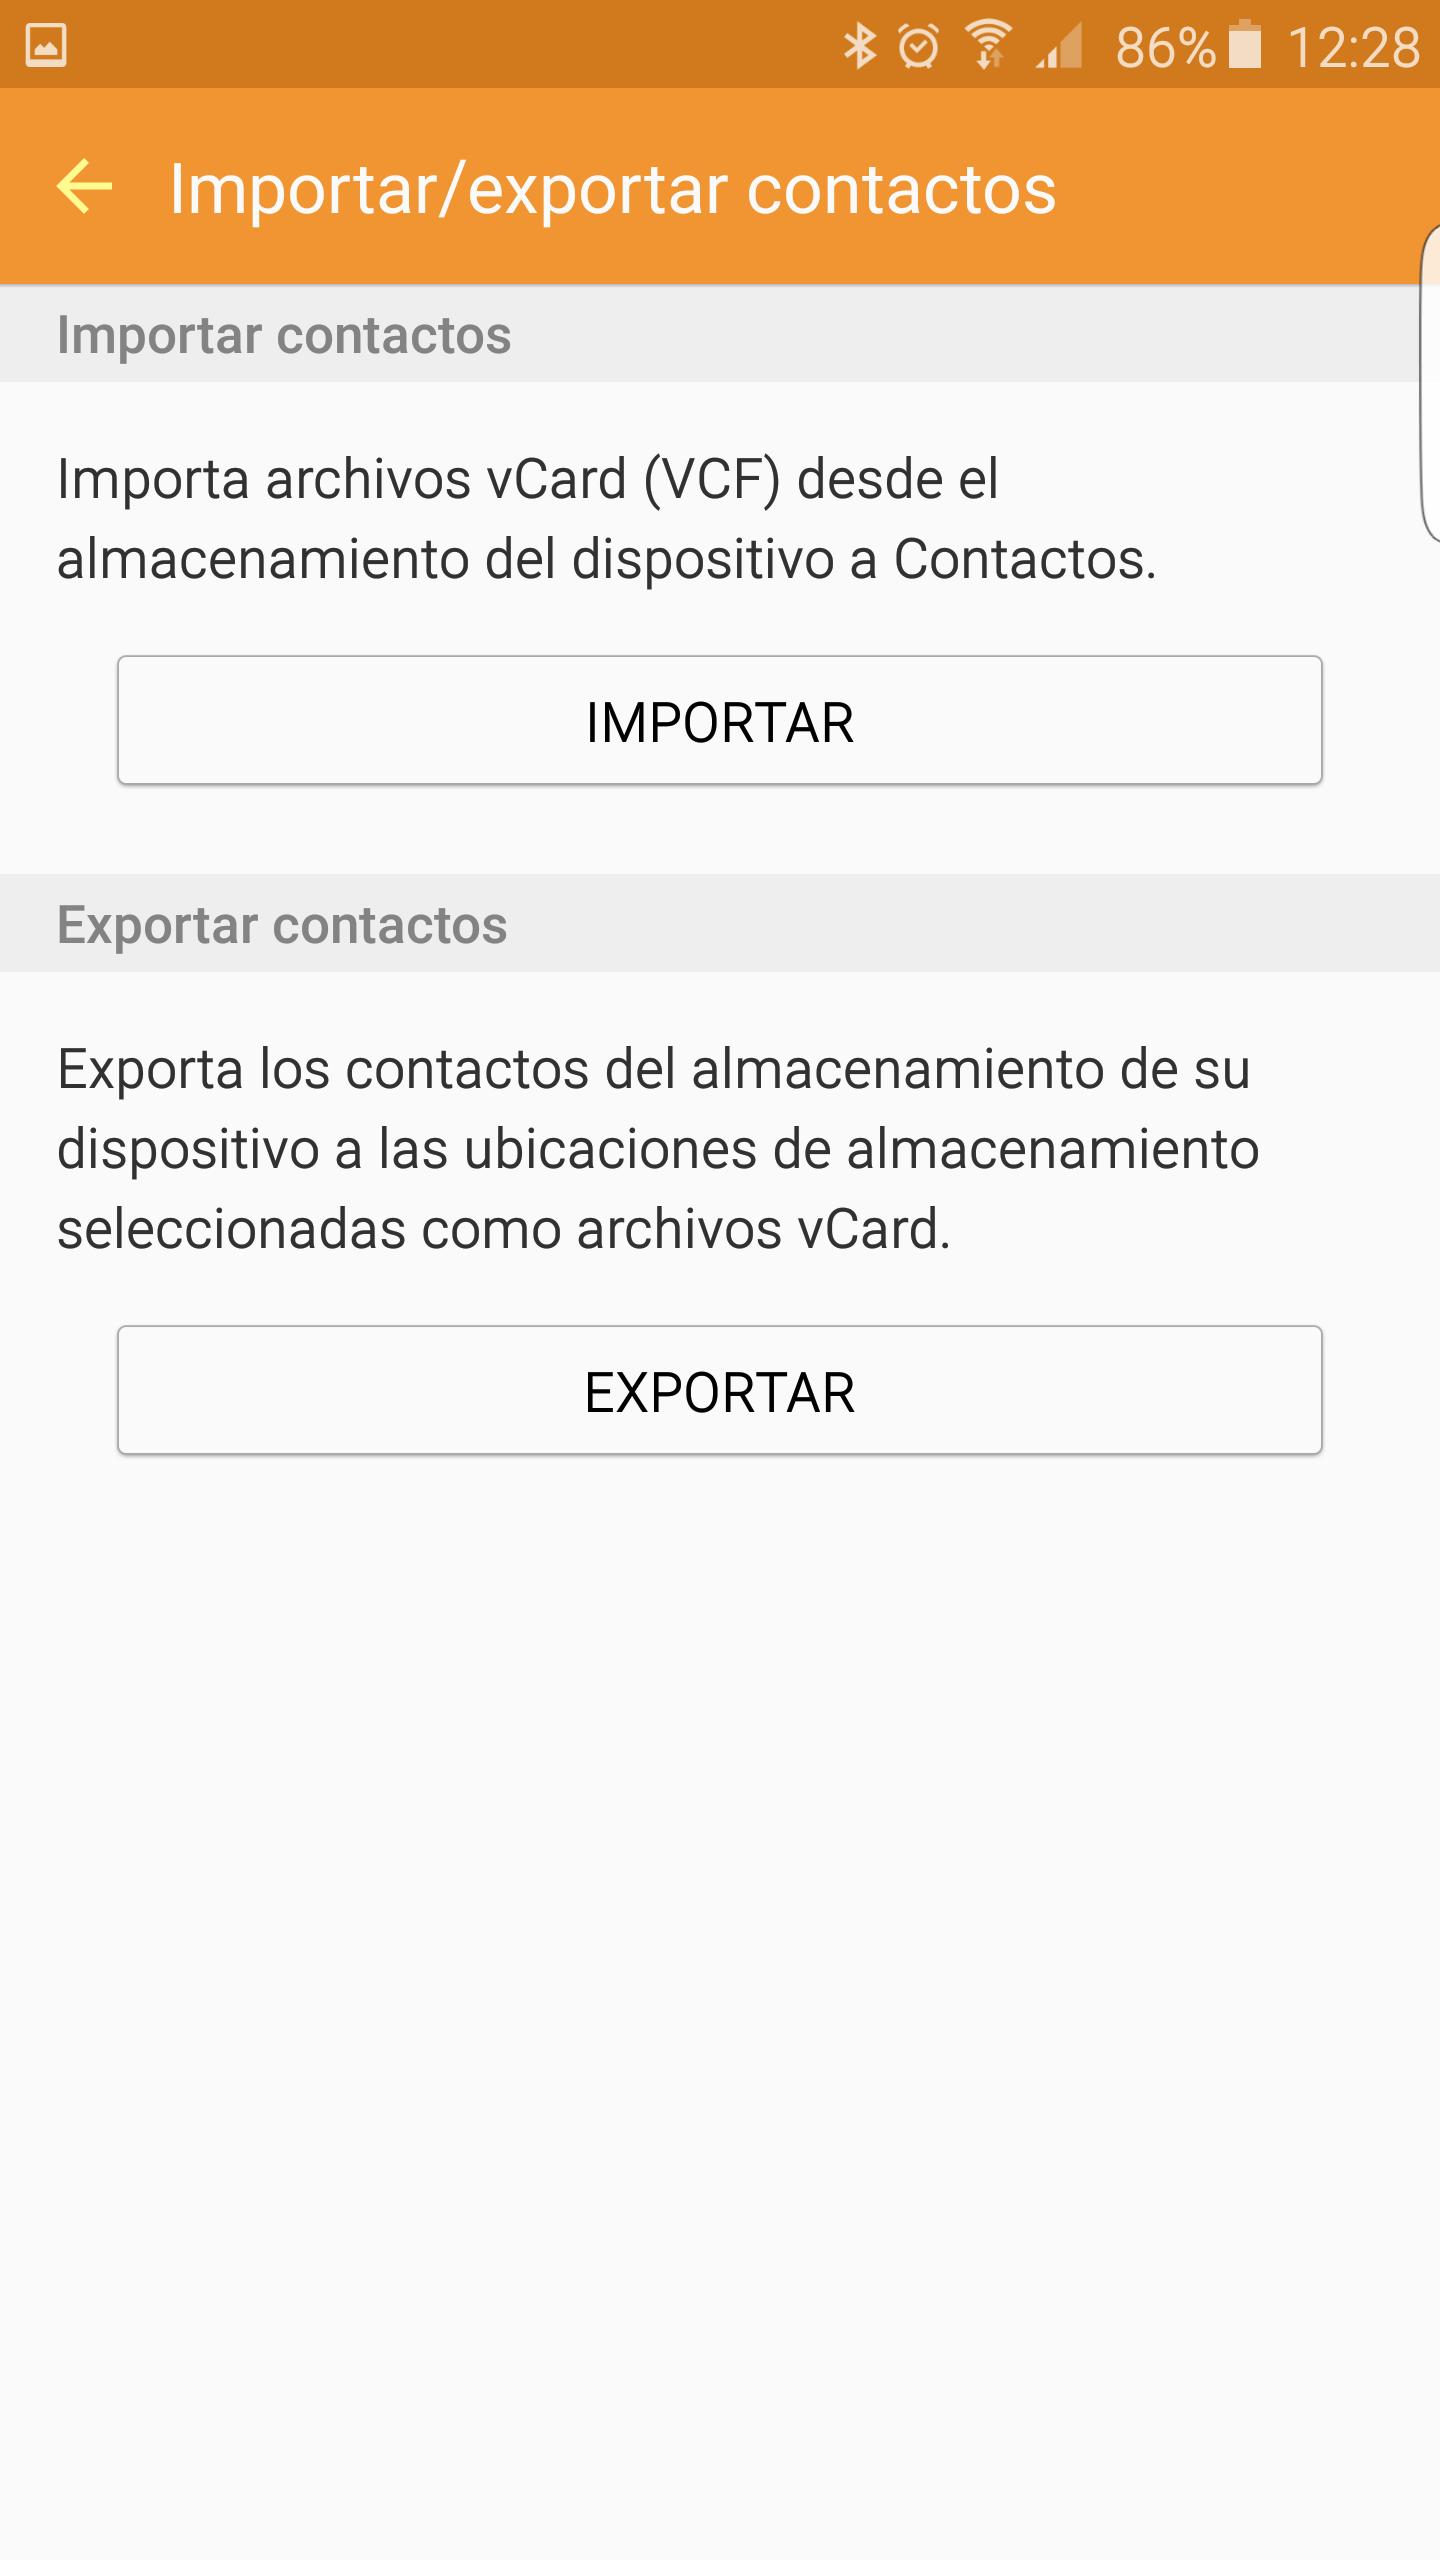 Exportar e importar contactos en Google